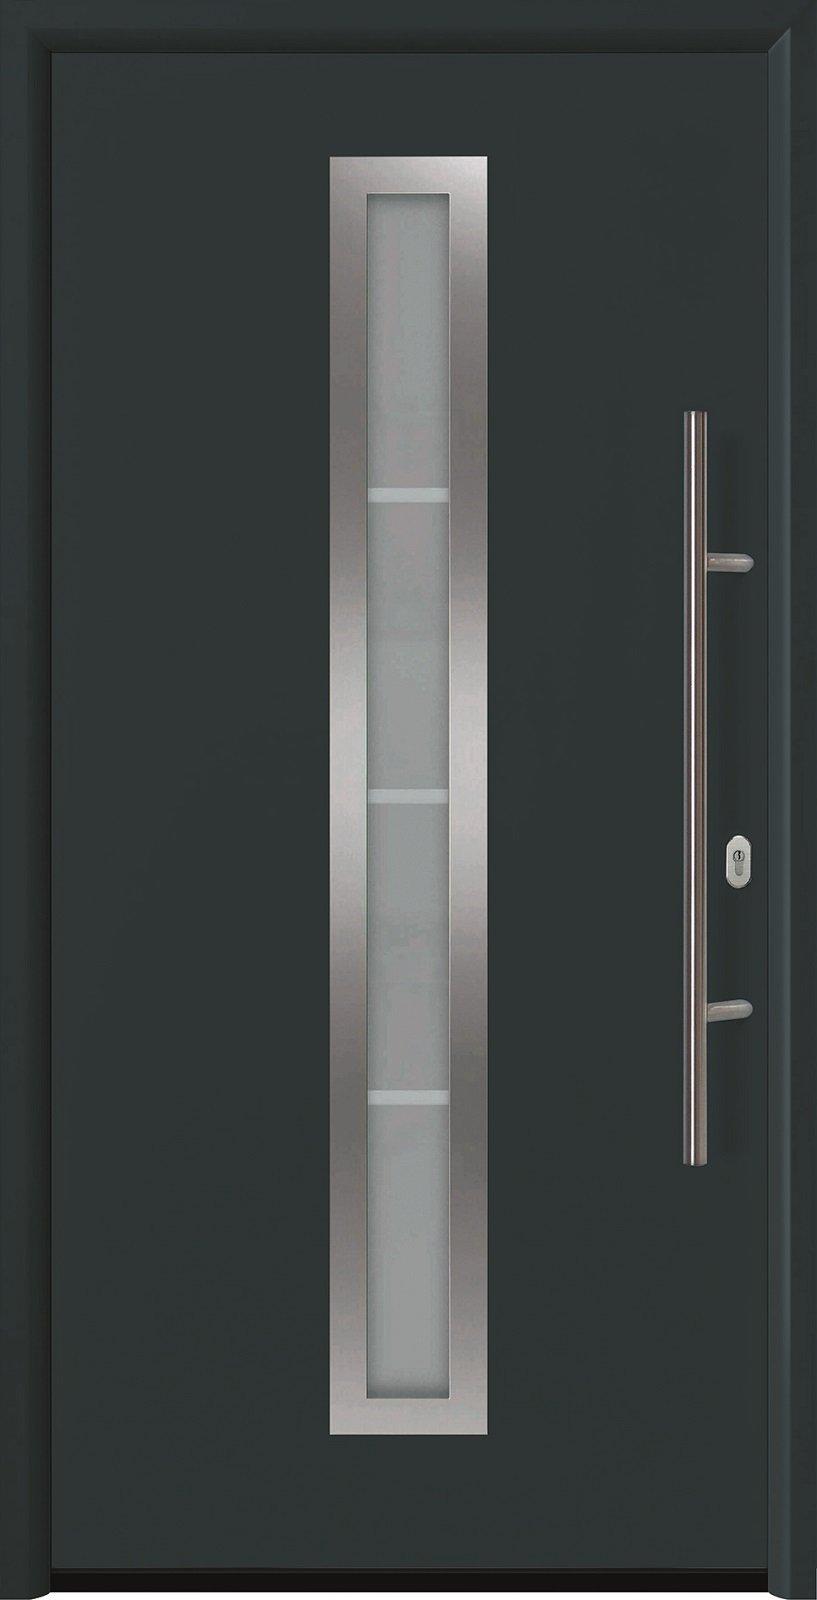 Porte d ingresso in acciaio cose di casa for Case moderne sotto 100k